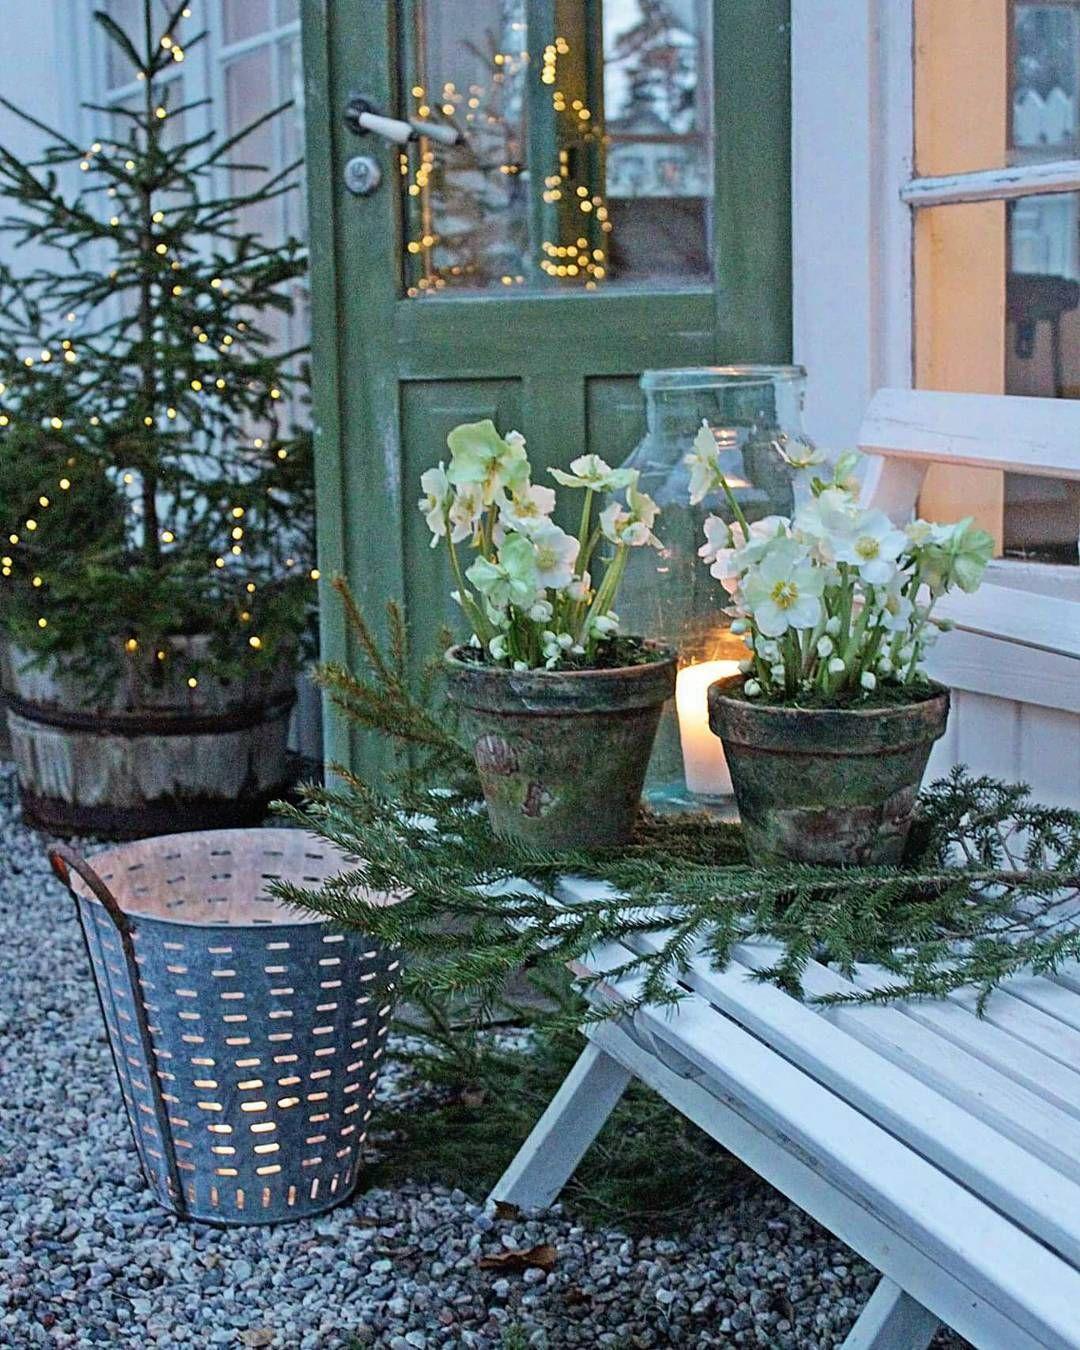 """Vibeke Sæther Svenningsen on Instagram: """"Vakker desember kveld der ute... Og julerosene i rustikke potter er fra @brynsblomster og zinkkurven og glasskrukke fra…"""""""